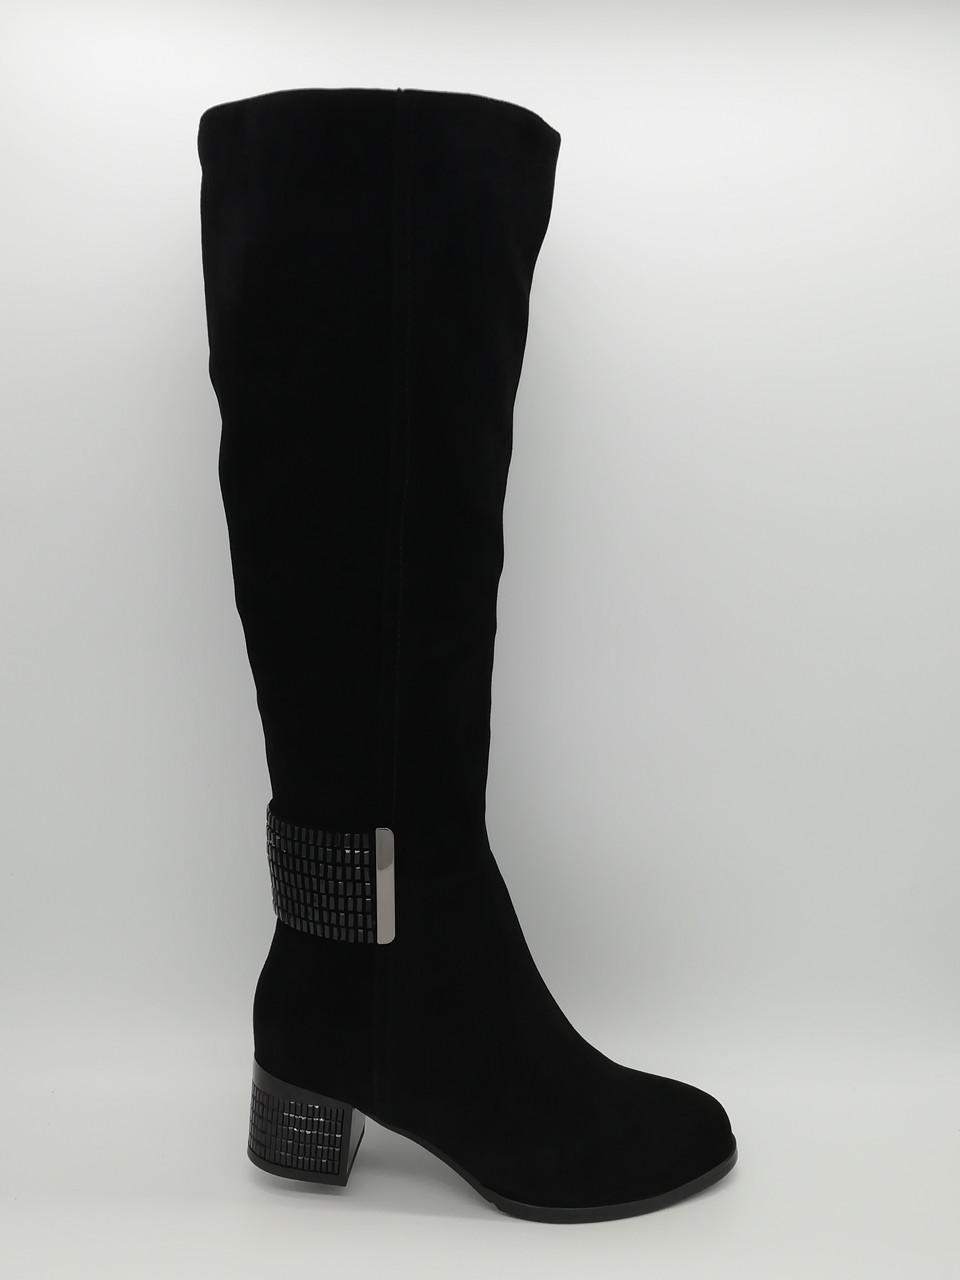 Замшевые черные зимние сапоги с широким голенищем.